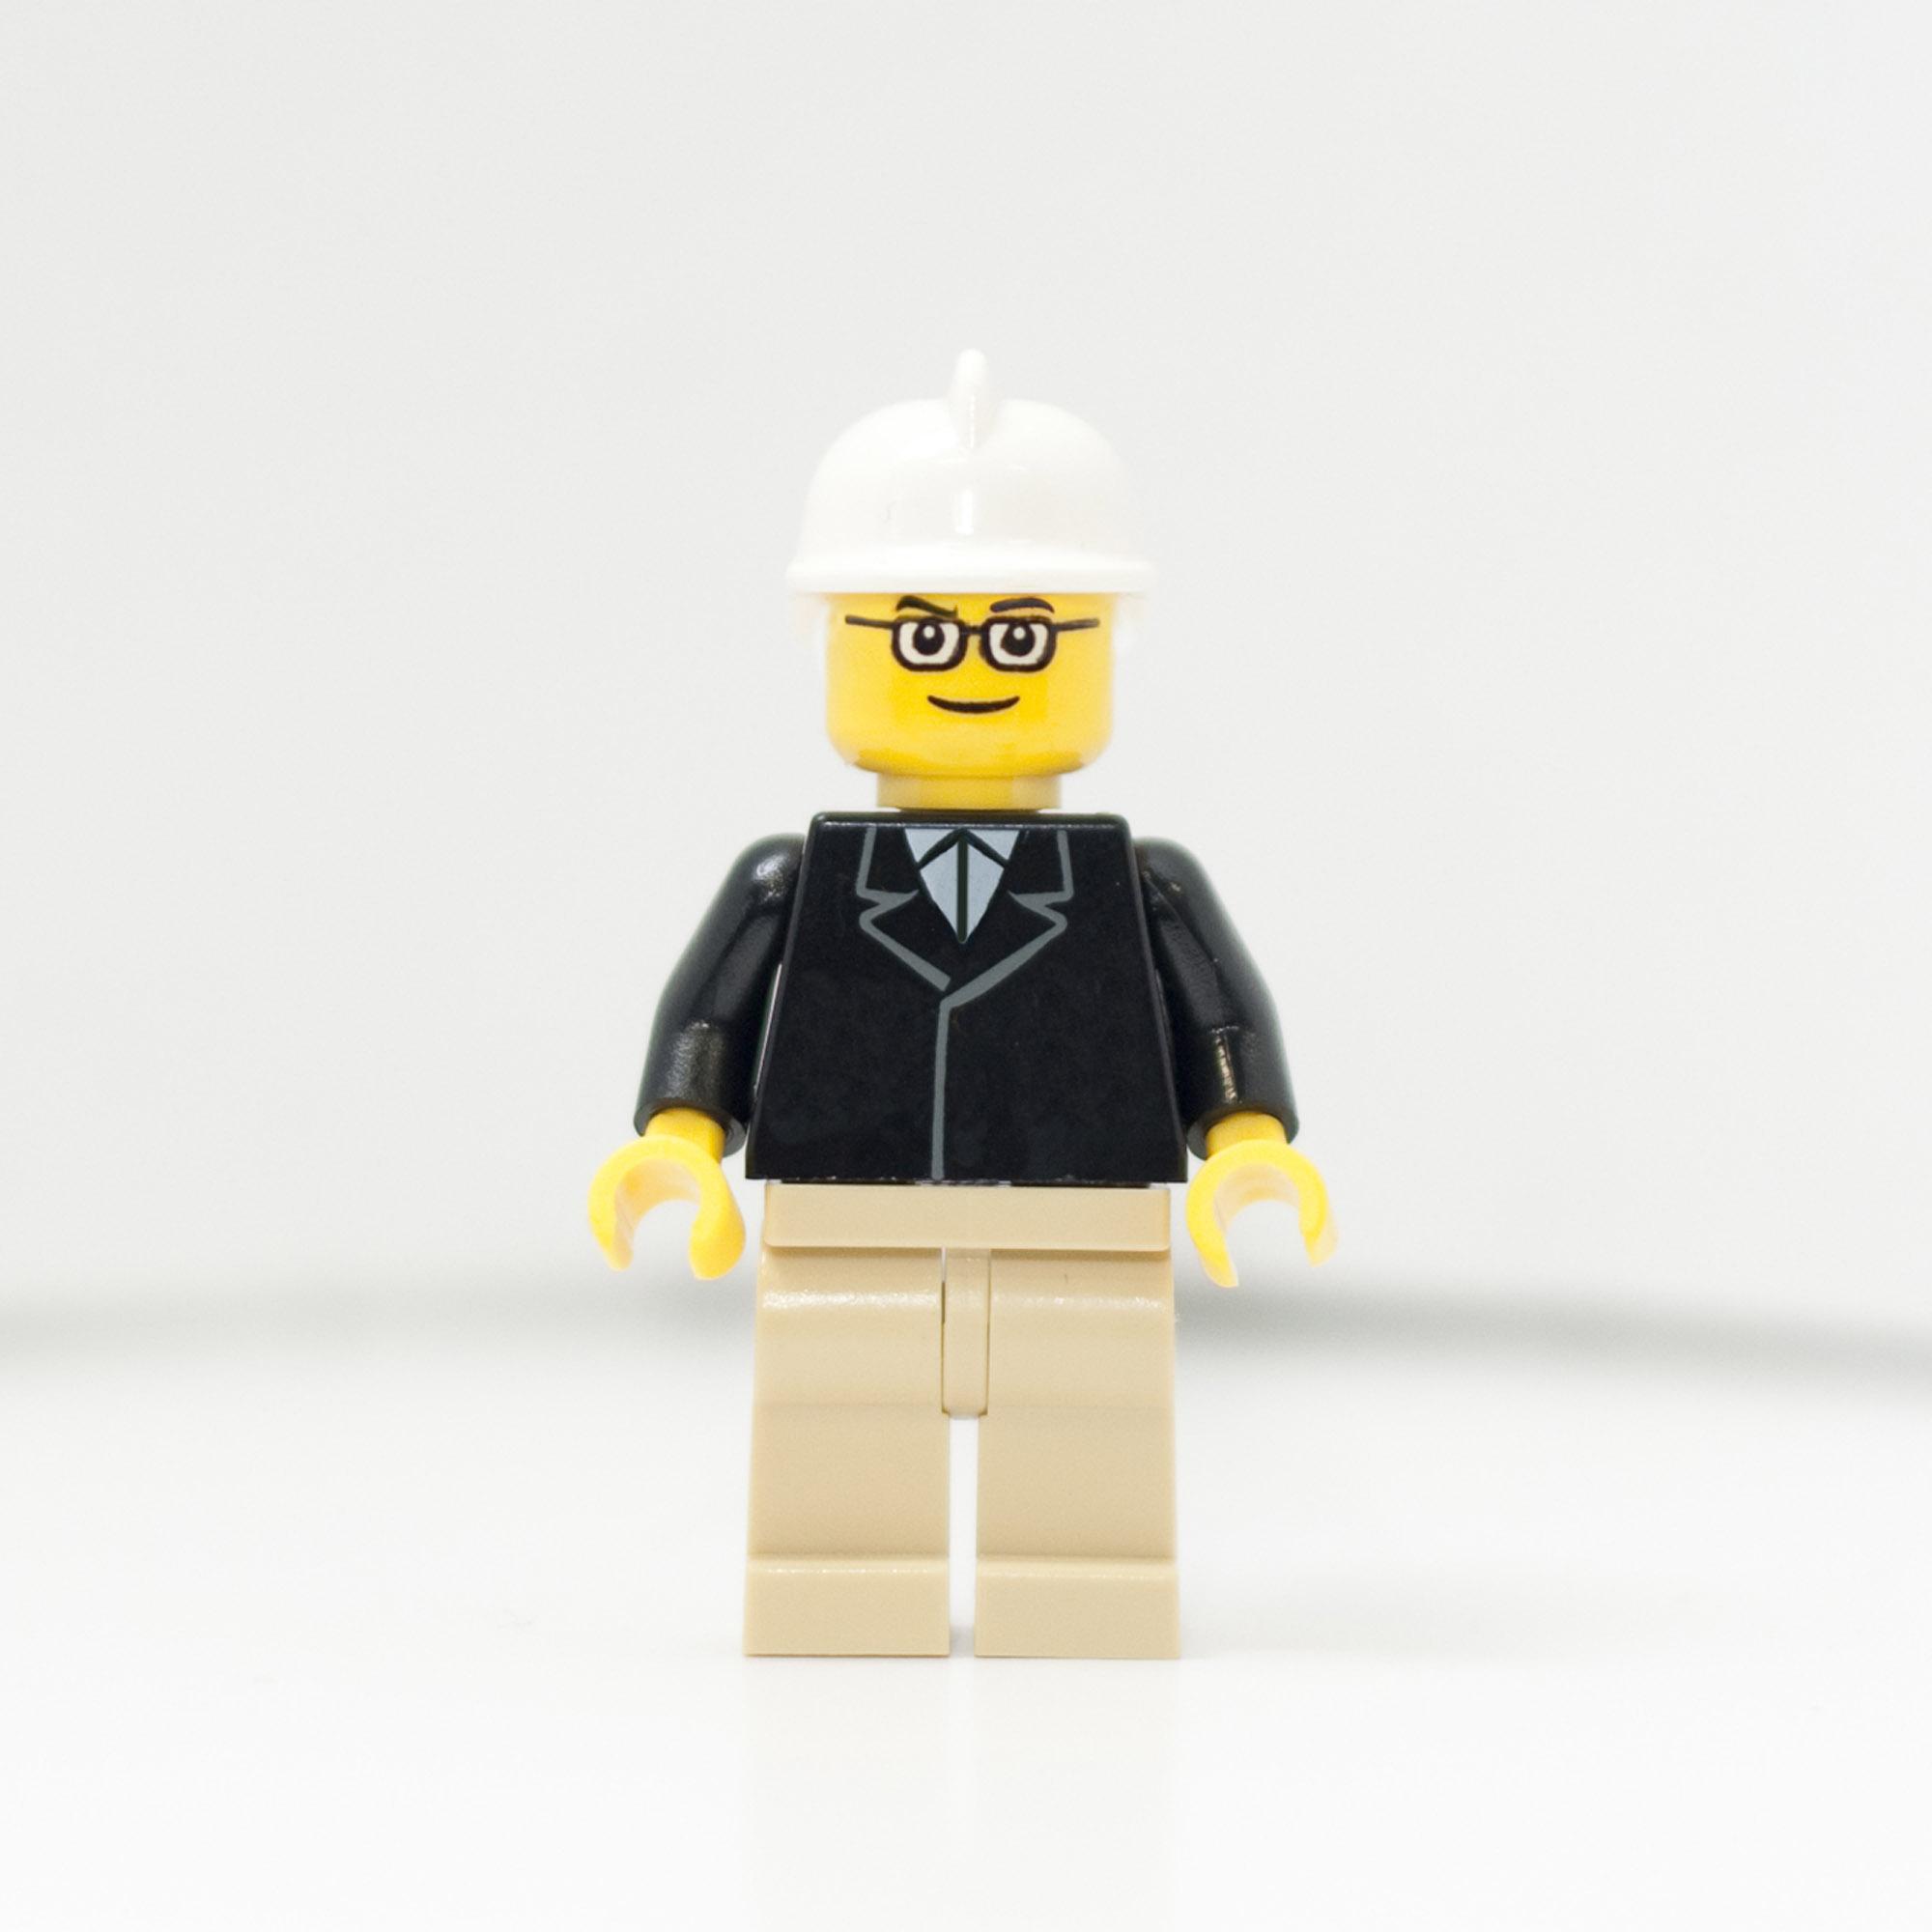 2010365_1910_LegoBrian-web